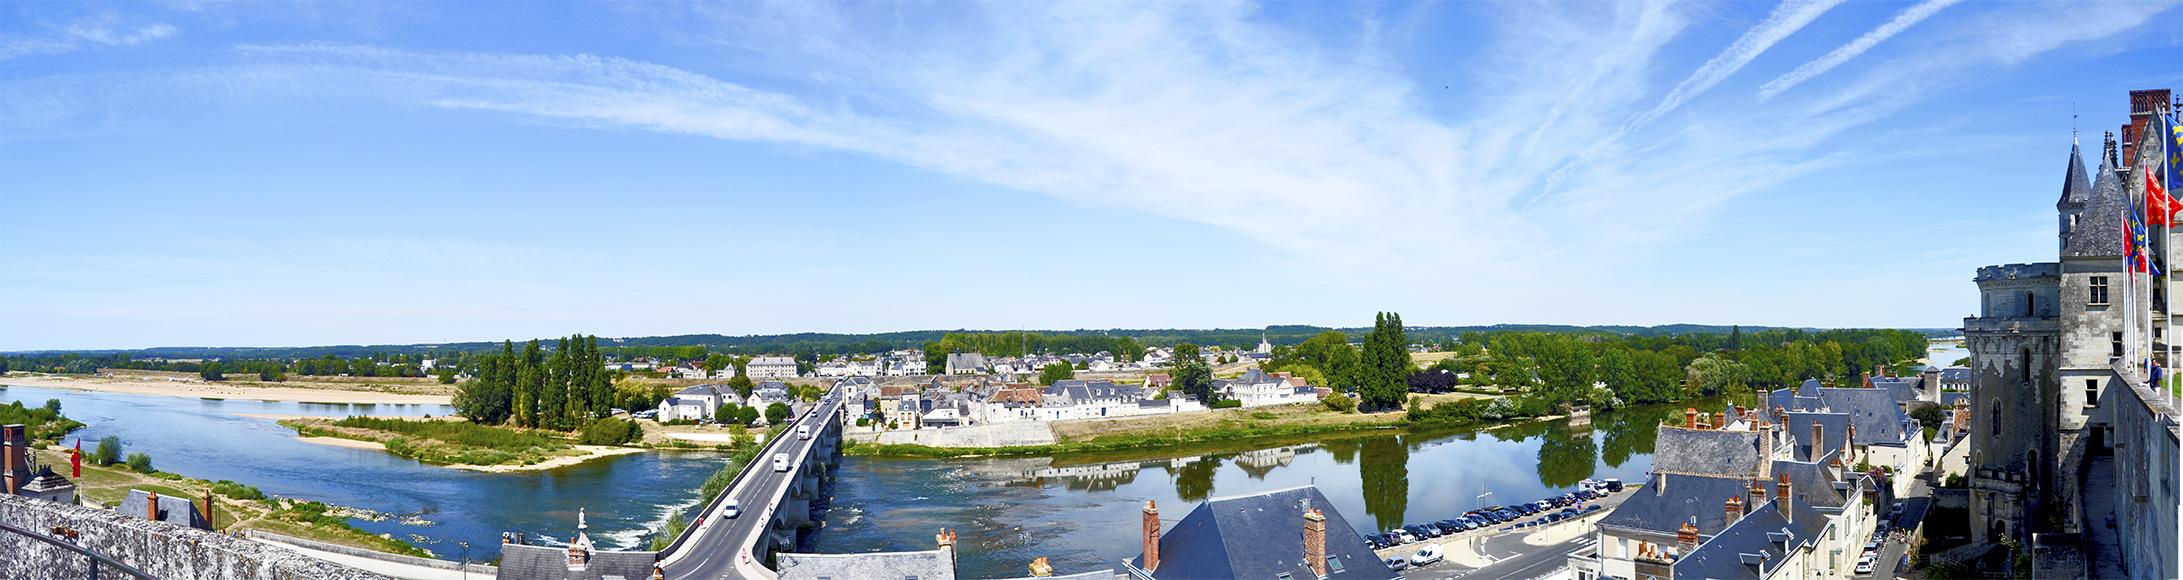 Panorámica desde castillo Amboise río Loira Francia